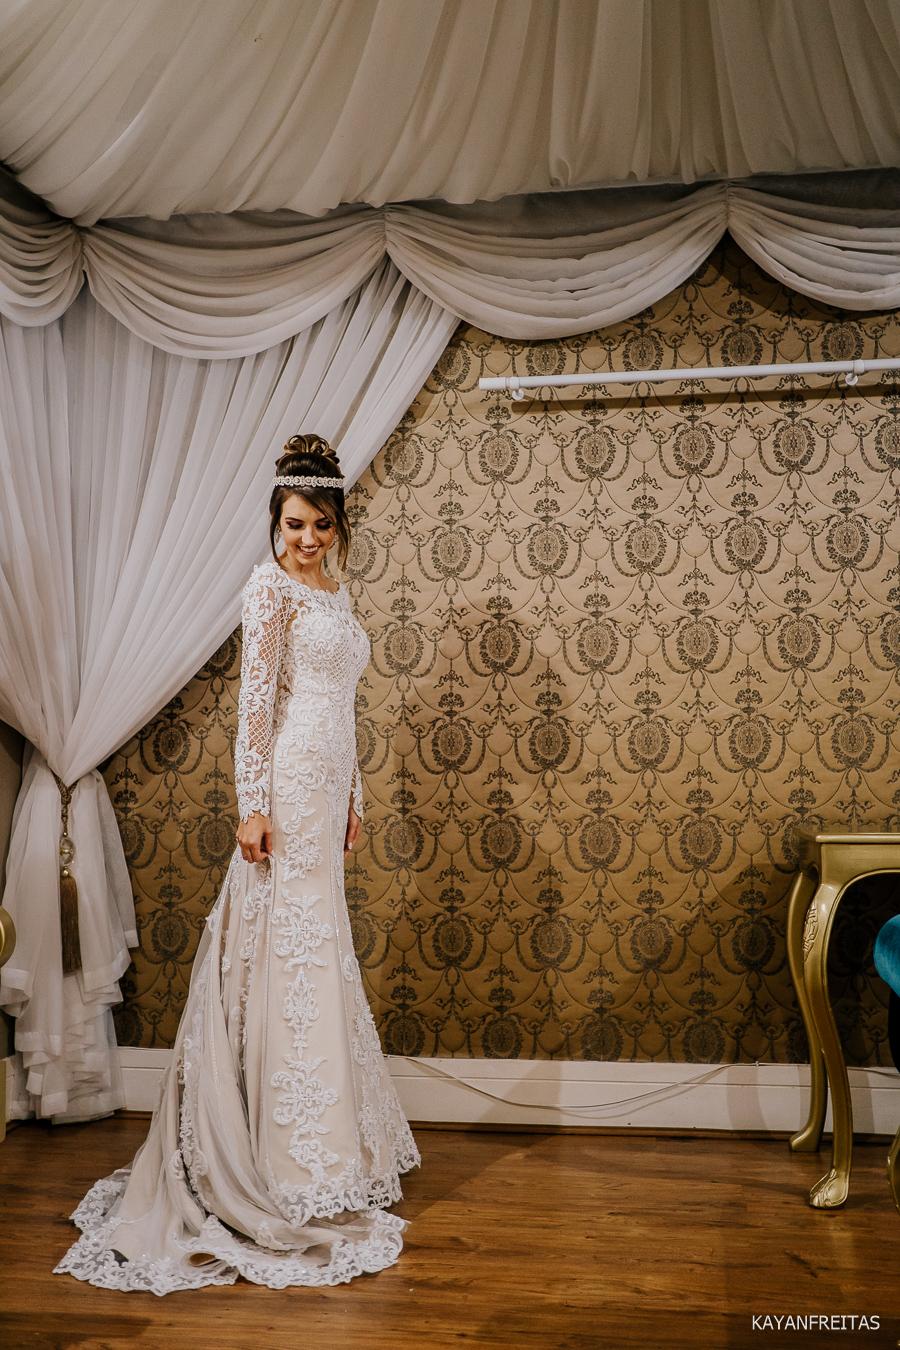 fotos-casamento-floripa-bed-0033 Casamento em São José - Izabelle e Douglas